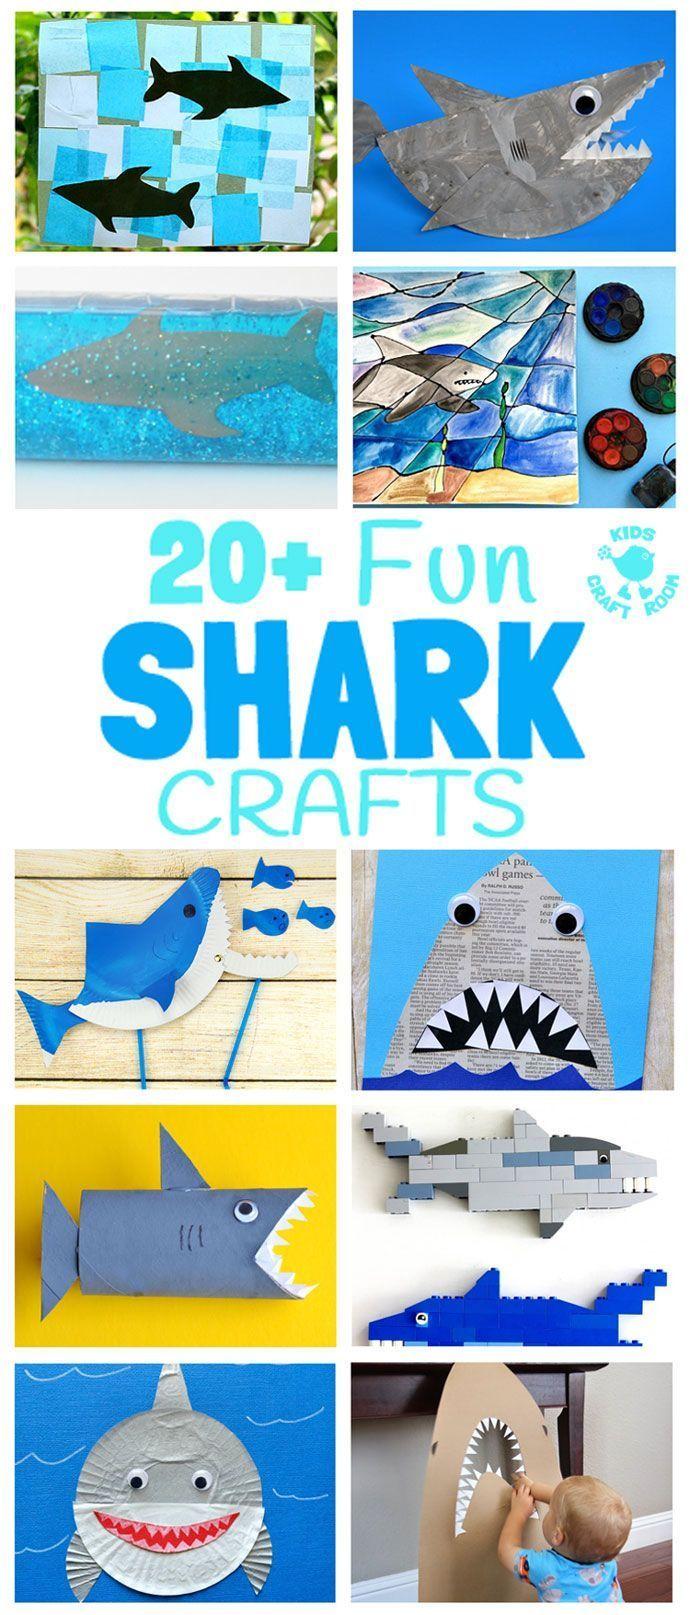 20+ Fun Shark Crafts | Shark craft, Shark week crafts, Shark activities